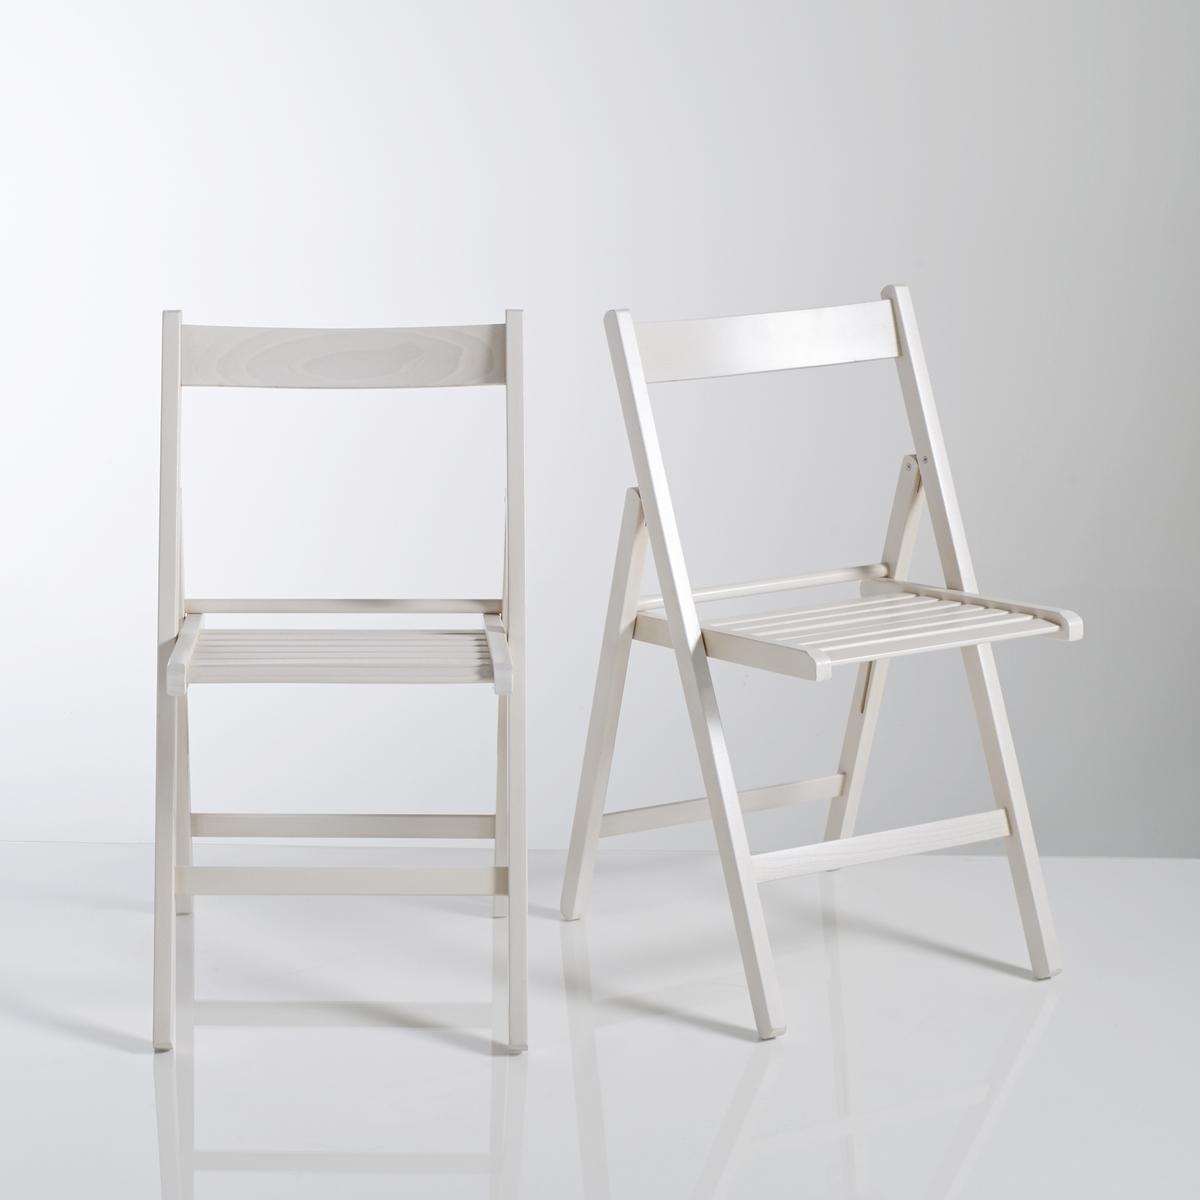 2 складных стула из массива бука Yann2 складных стула Yann. Практичные и необходимые в любом доме складные стулья Yann из массива дерева в 4 цветах с лаковым покрытием, подчеркивающим фактуру древесины. Европейское производство.     Характеристика складных стульев Yann:Сертифицированный массив бука FSC (FSC n°C104535), анилиновое лаковое покрытие (на водной основе) подчеркивает фактуру древесины.Крепления из оцинкованной стали.Вся коллекция Yann на сайте laredoute.ru.Размеры складных стульев Yann:Общие размеры для 1 стулаДлина: 43 см.Высота: 80 см.Ширина: 47 см.Сиденье: Д38 x В45 x Ш30 см.Вес: 3 кг.Размеры и вес упаковки:1 упаковка.Д89 x В15 x Ш45 см.7 кг.Доставка:2 складных стула Yann продаются в собранном виде.Внимание! Убедитесь в том, что посылку можно доставить на дом, учитывая ее габариты(проходит в двери, по лестницам, в лифты).<br><br>Цвет: белый,красный,серо-бежевый,серый<br>Размер: единый размер